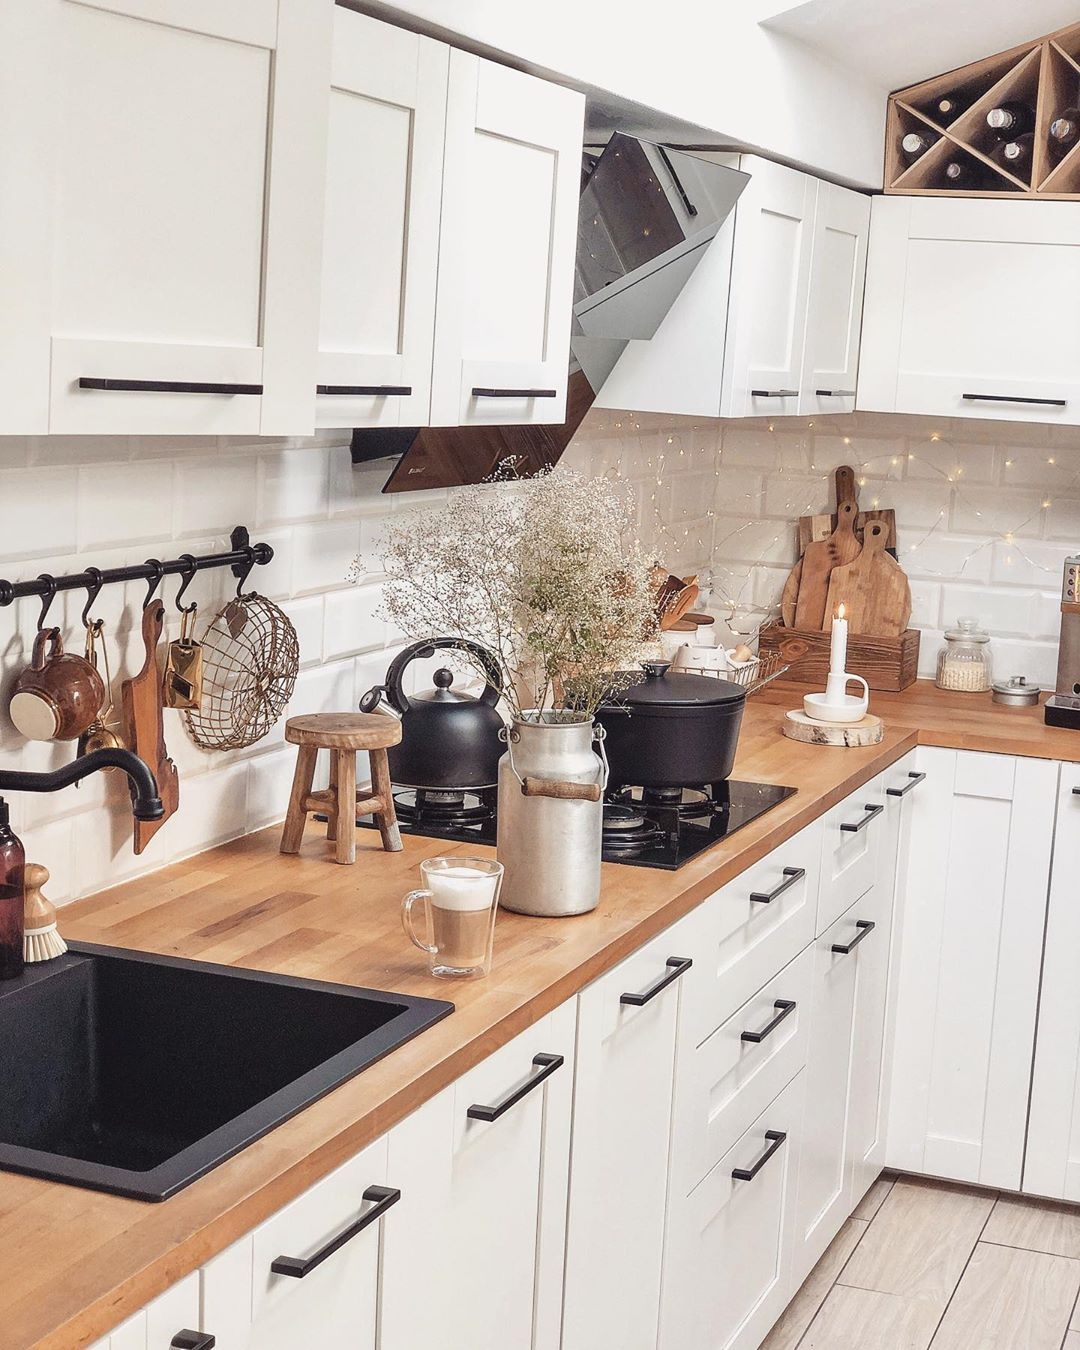 12 Idées Déco pour Cuisine Scandinave   Idée déco cuisine, Cuisine ...